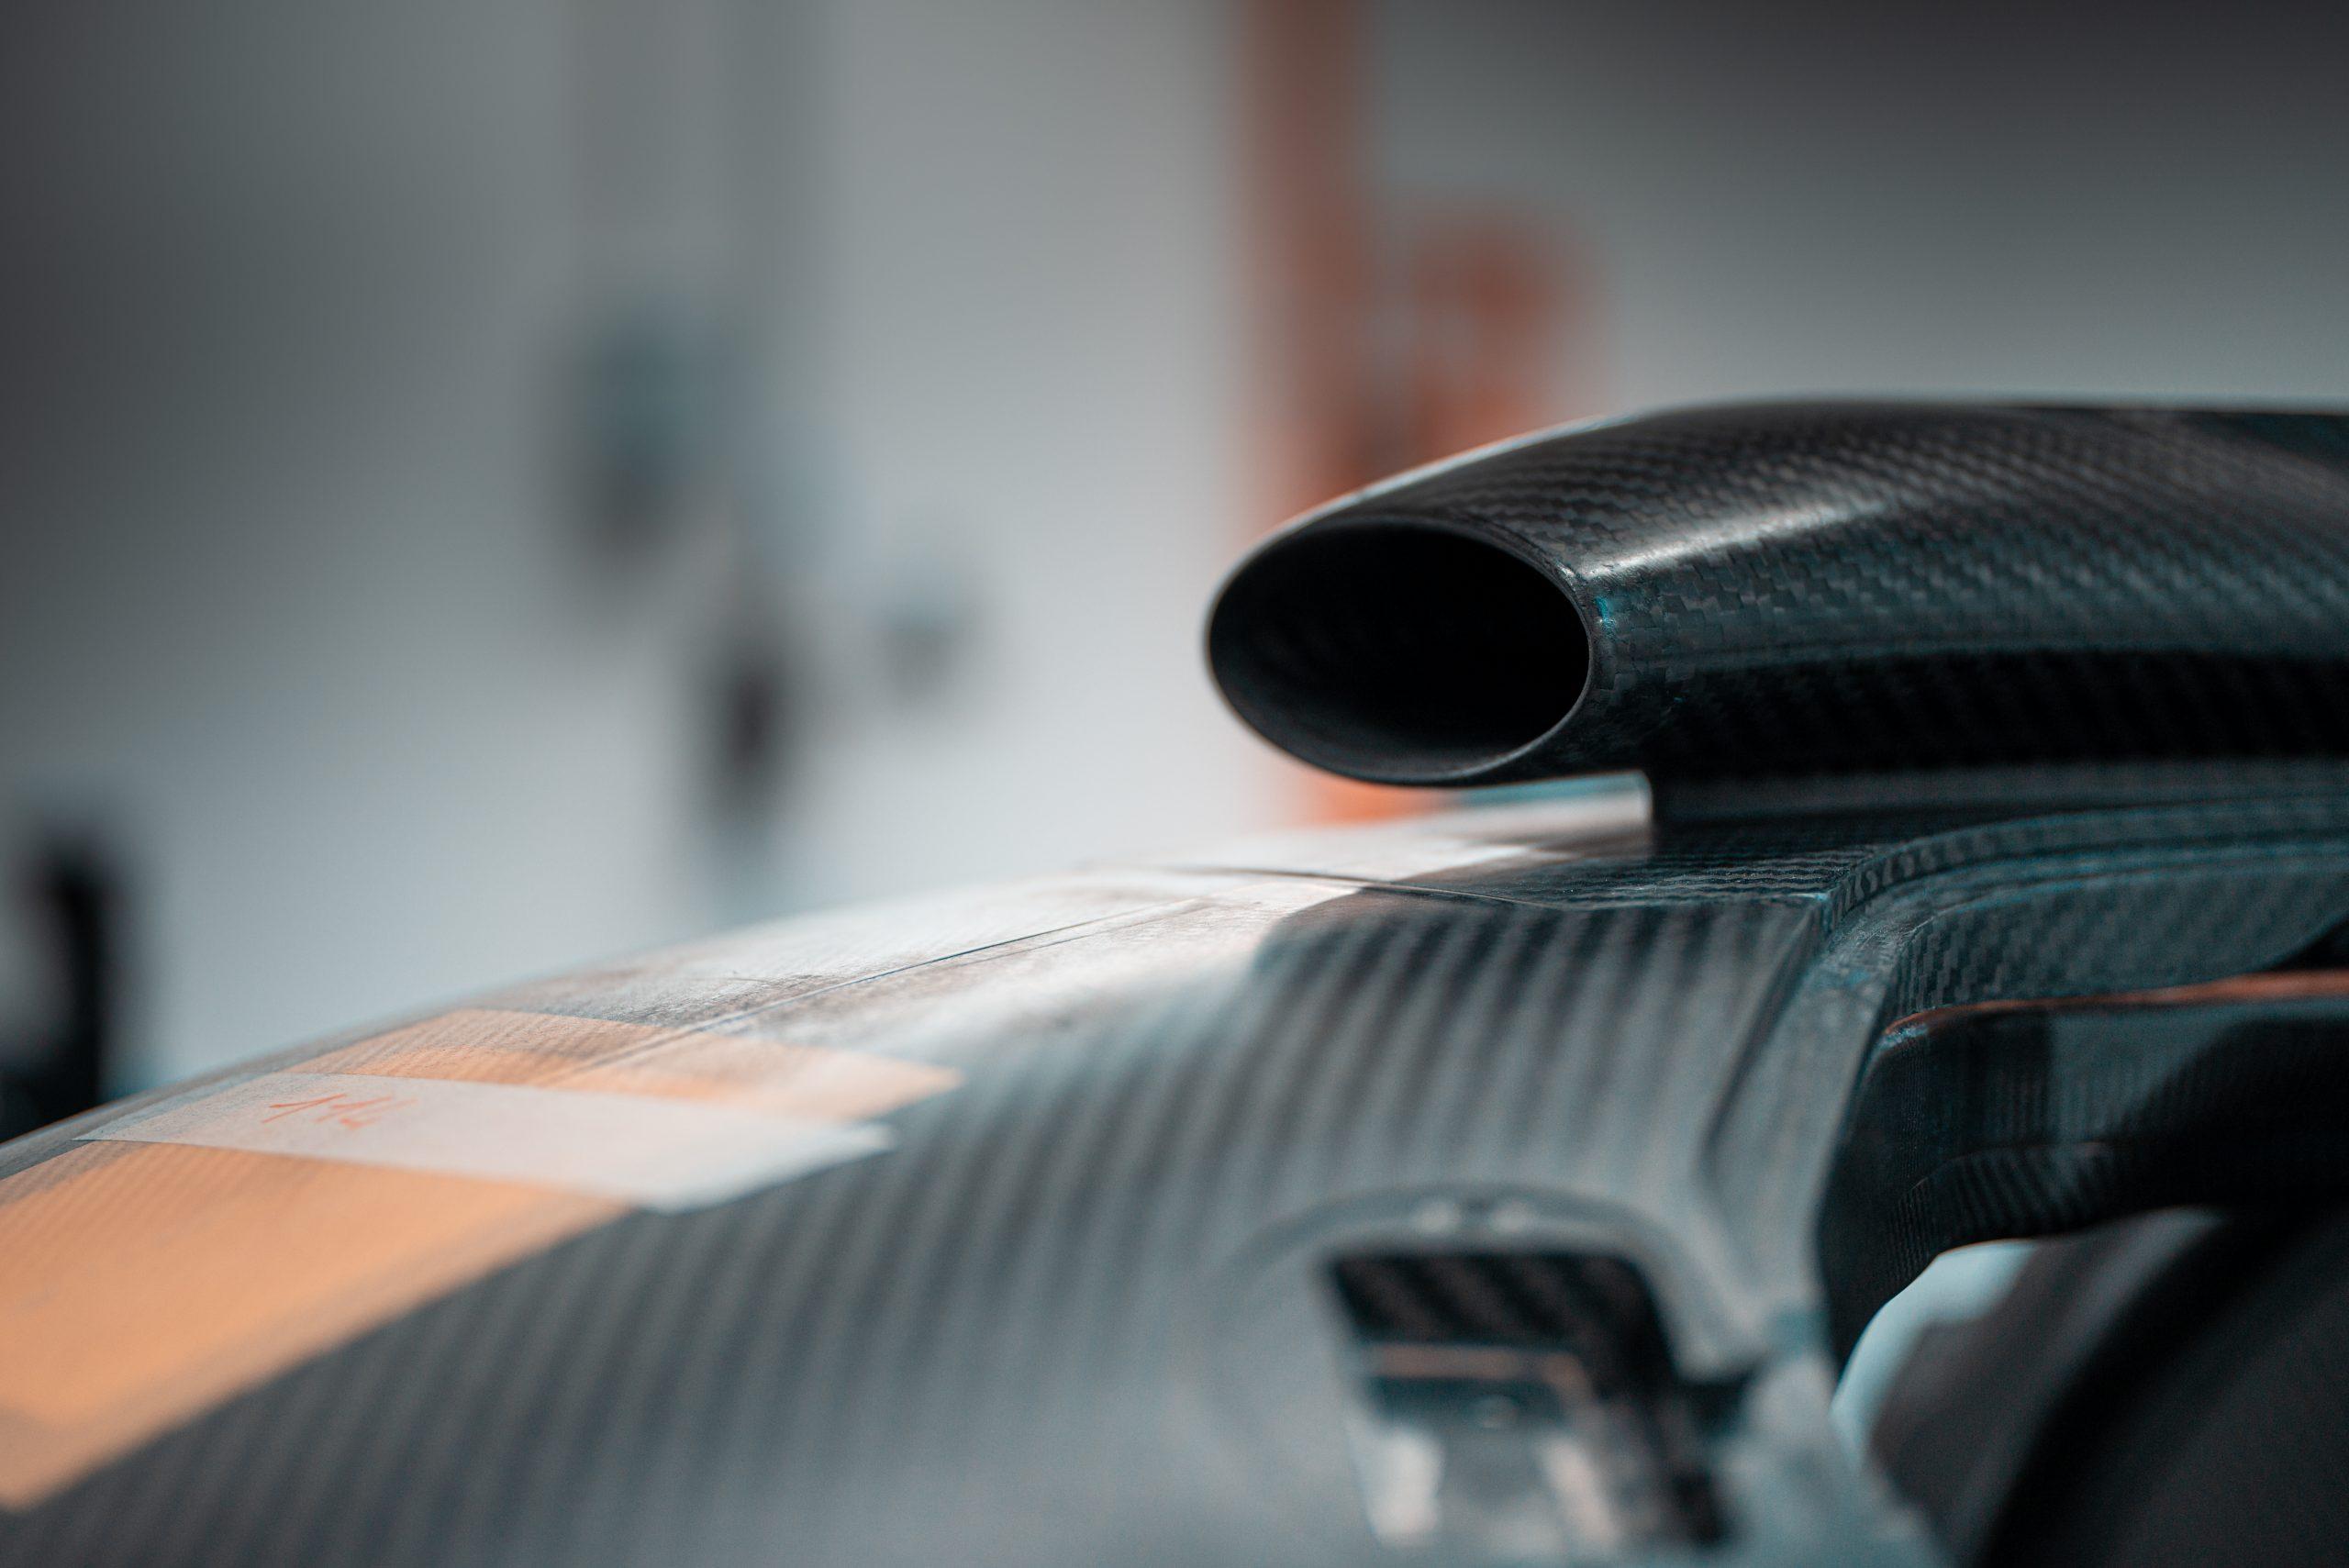 SCG Scuderia Cameron Glickenhaus 007 Hypercar LMH carbon fiber scoop